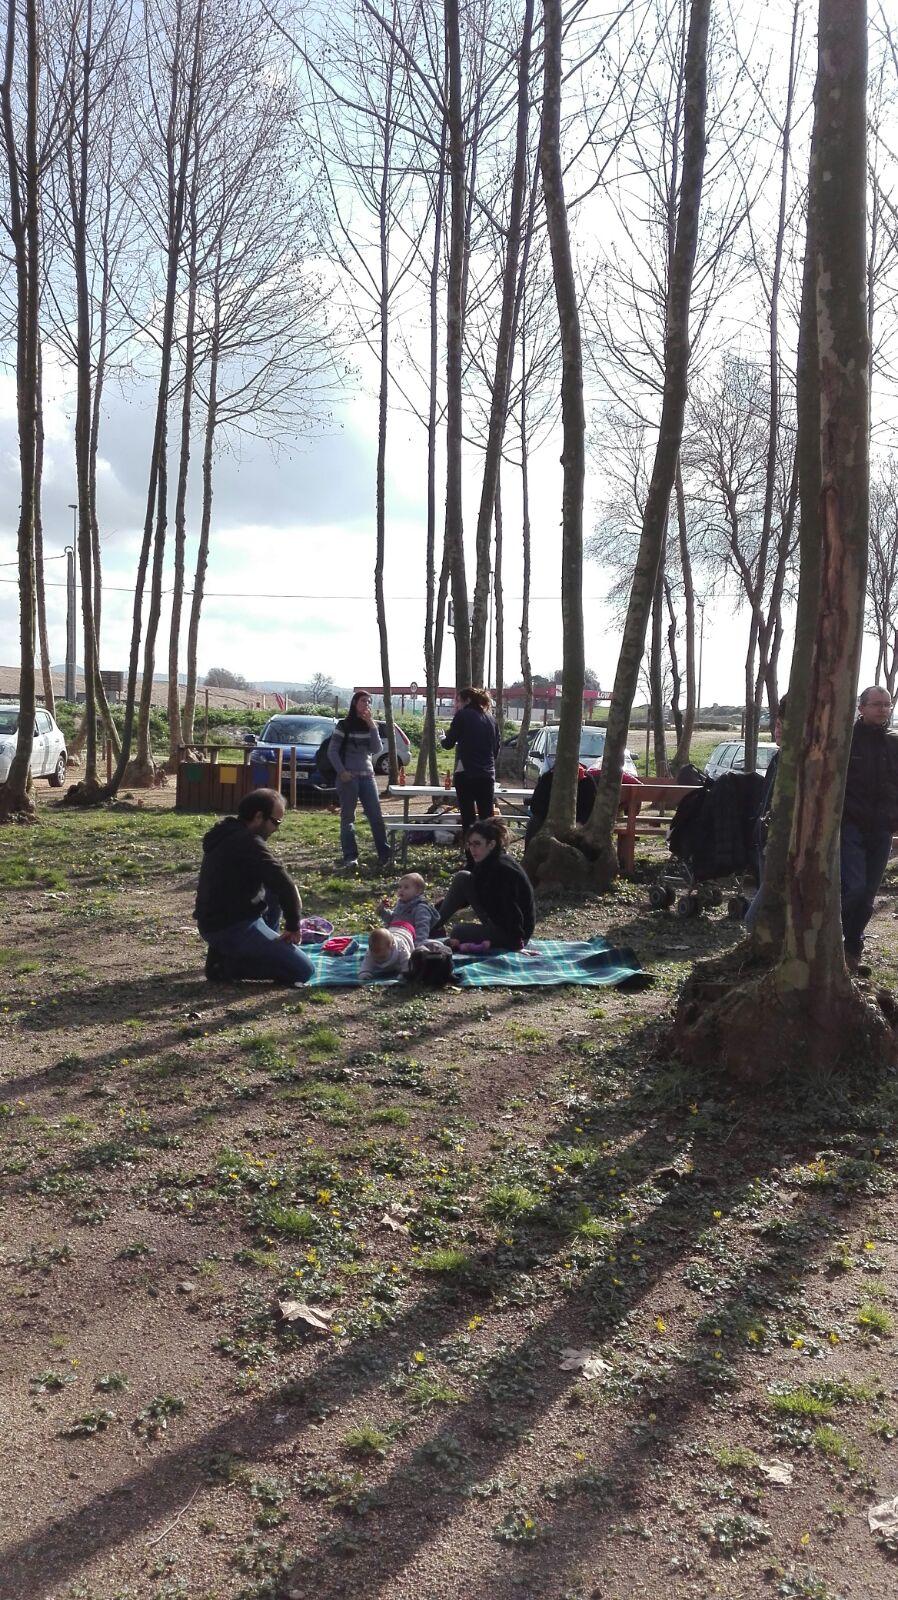 nens manta terra picnic les 3 flors